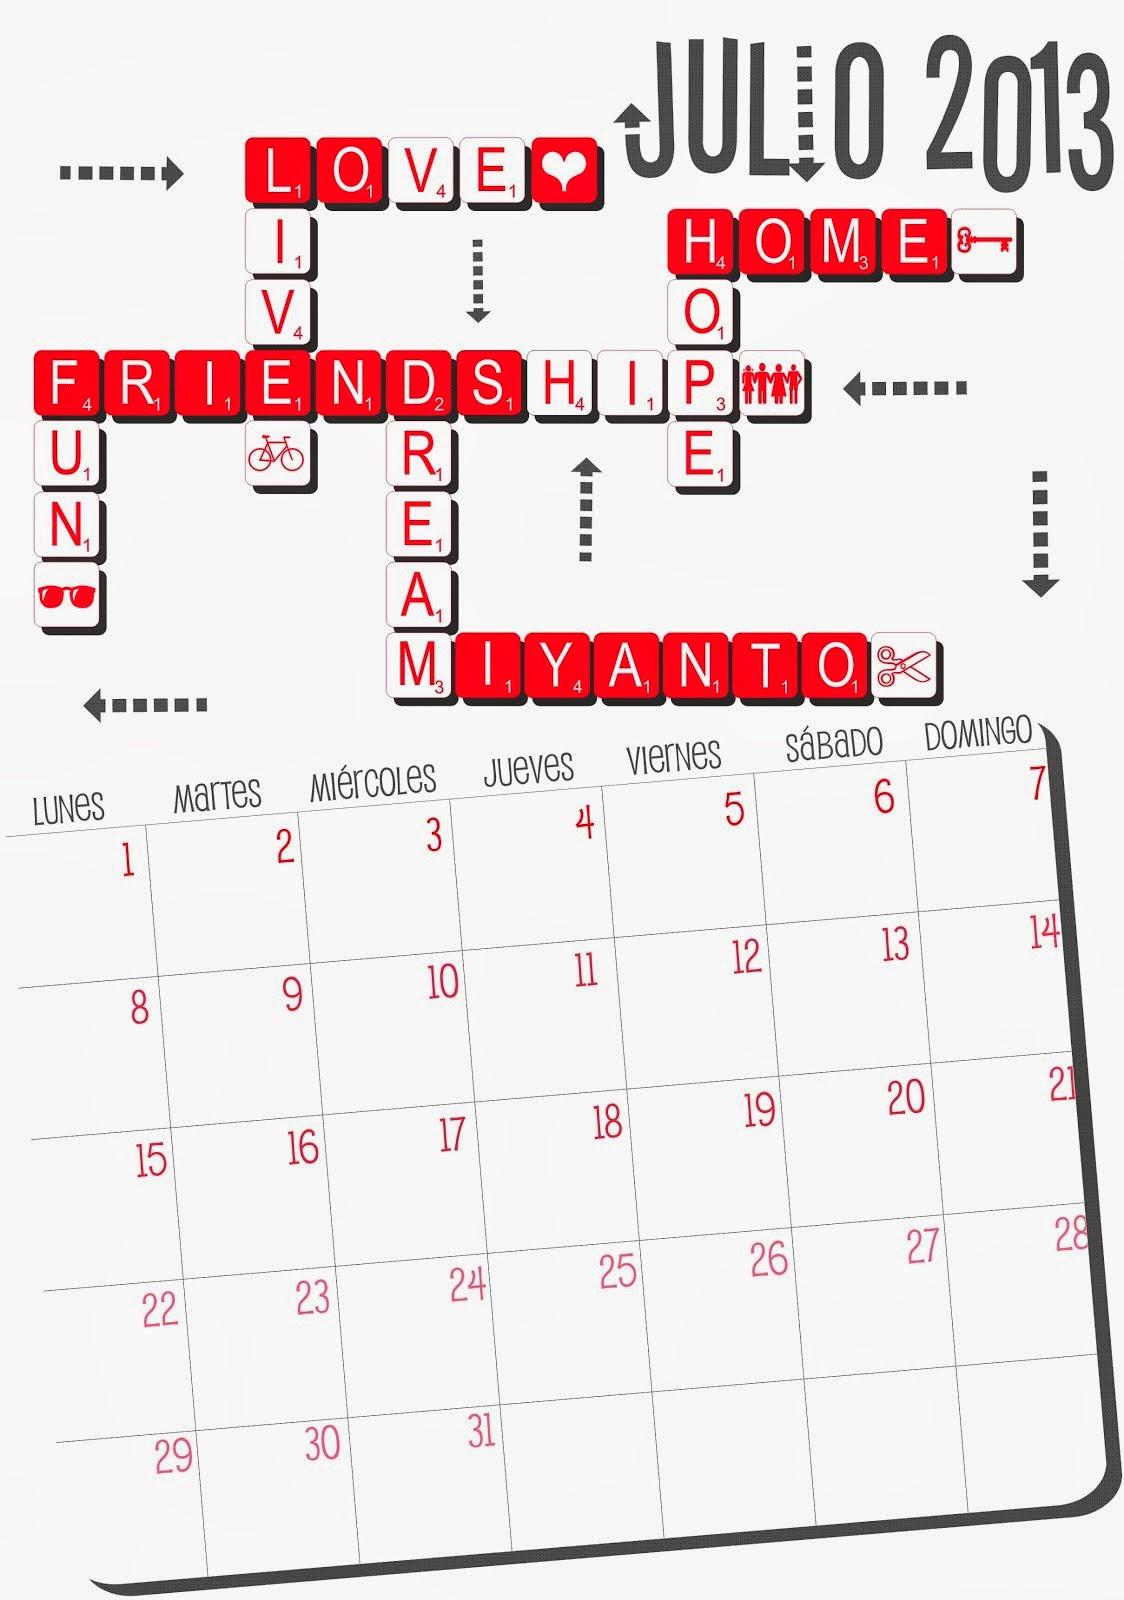 Descarga Gratis el Calendario Miyanto